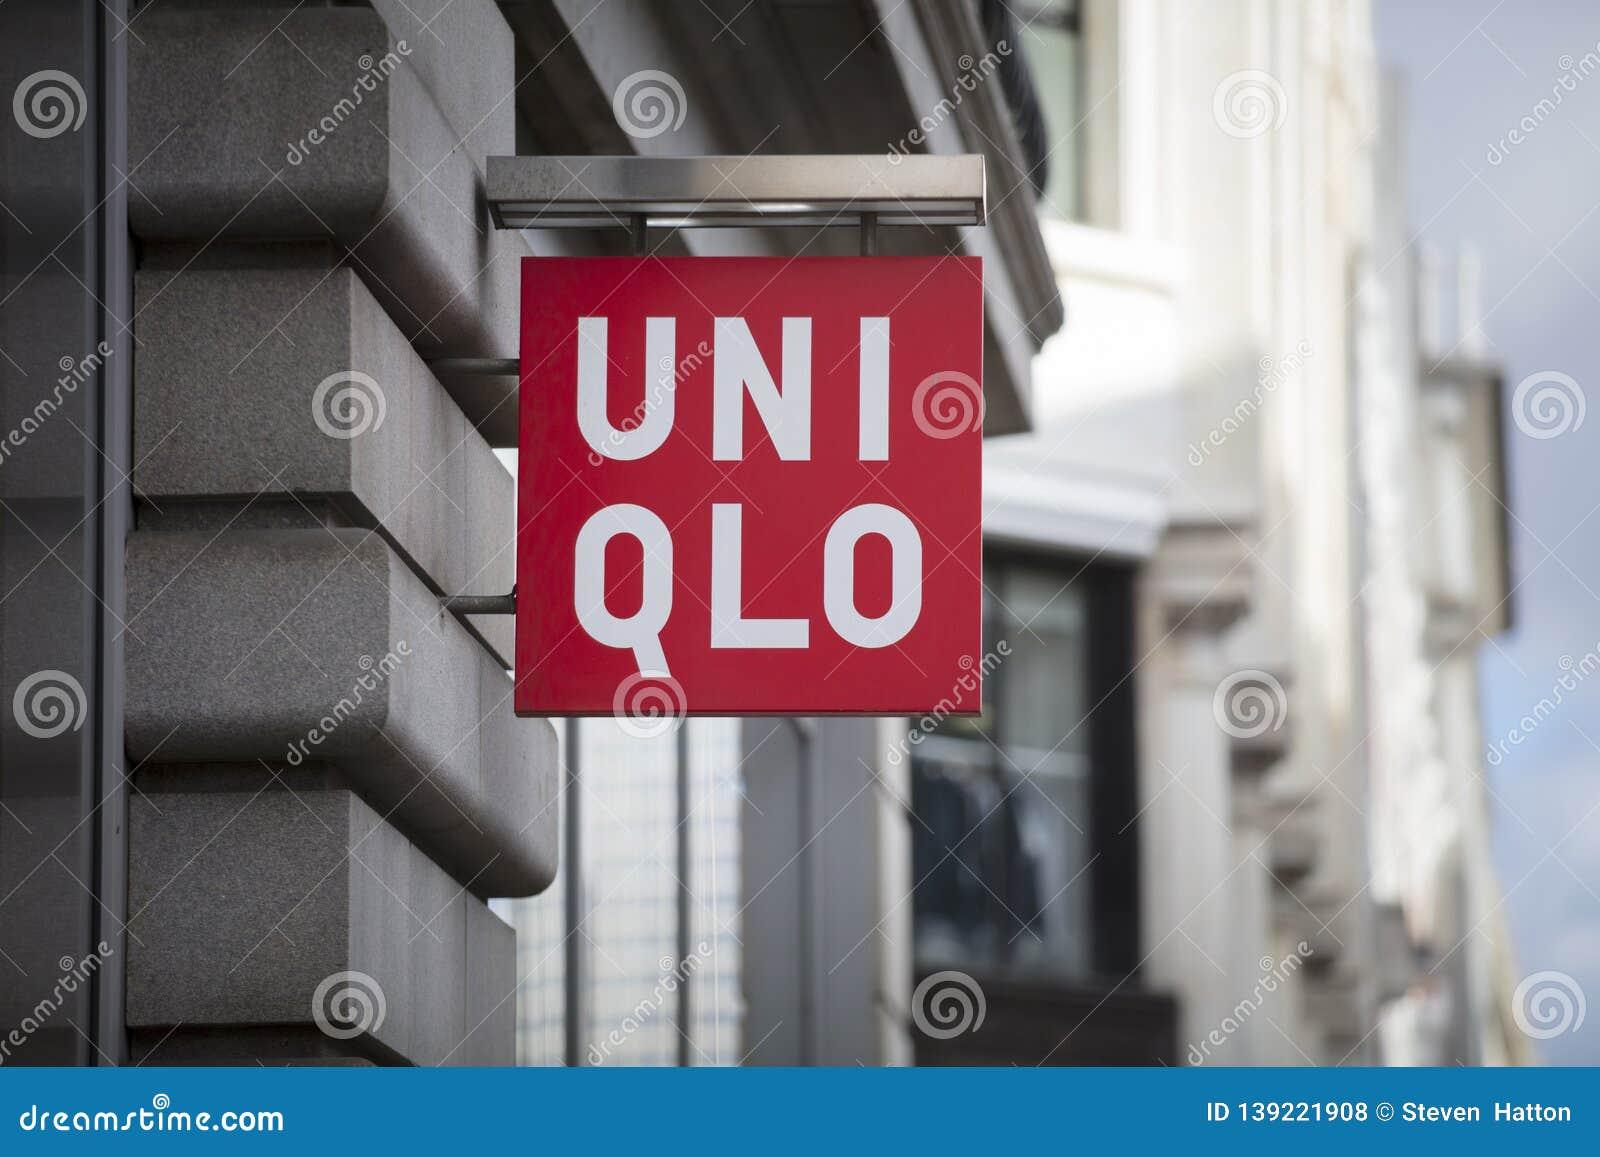 Londres, grand Londres, le Royaume-Uni, le 7 février 2018, un signe et un logo pour Uniqlo